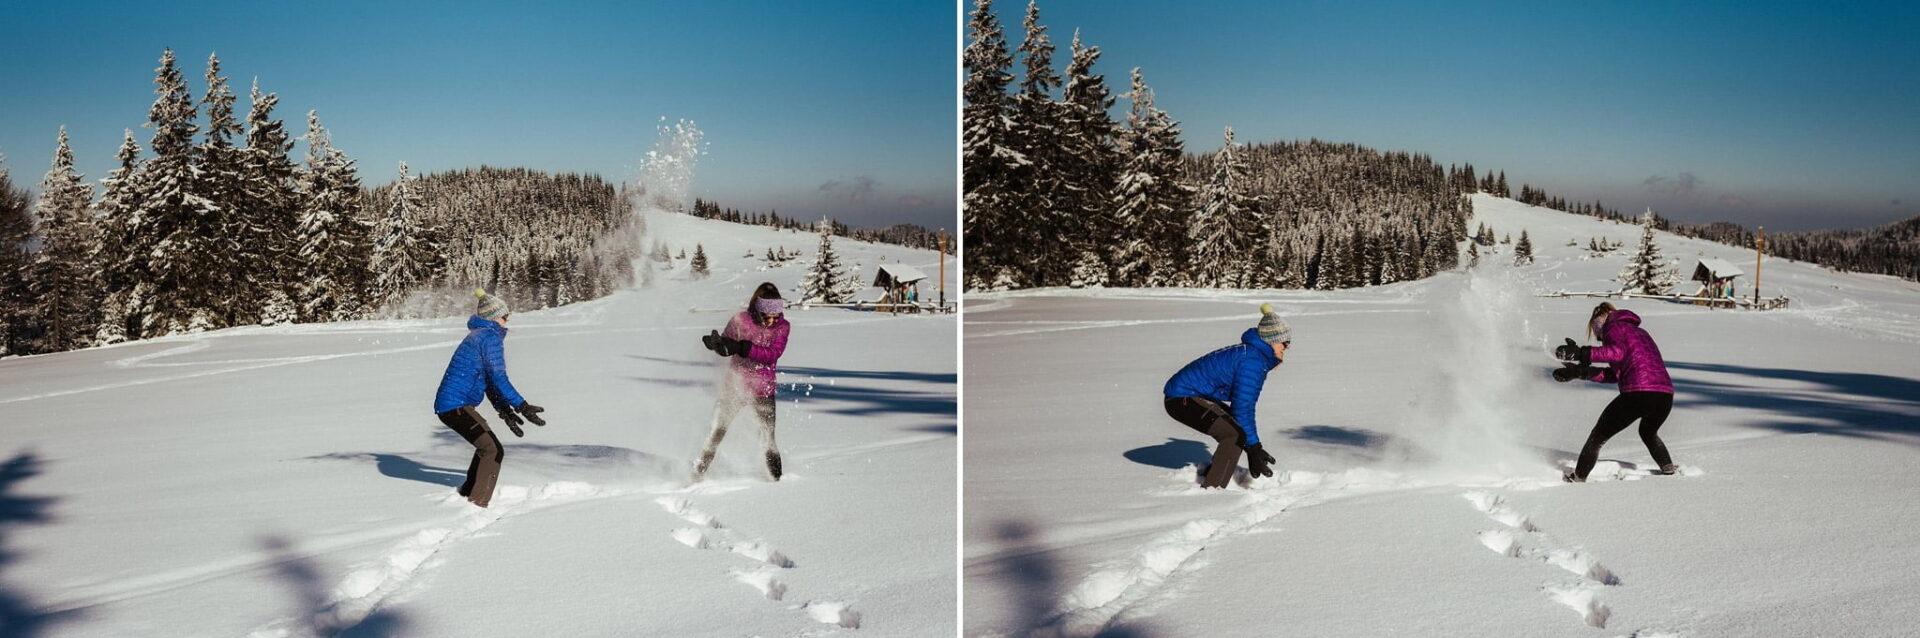 Zimowa sesja narzeczeńska w górach 16